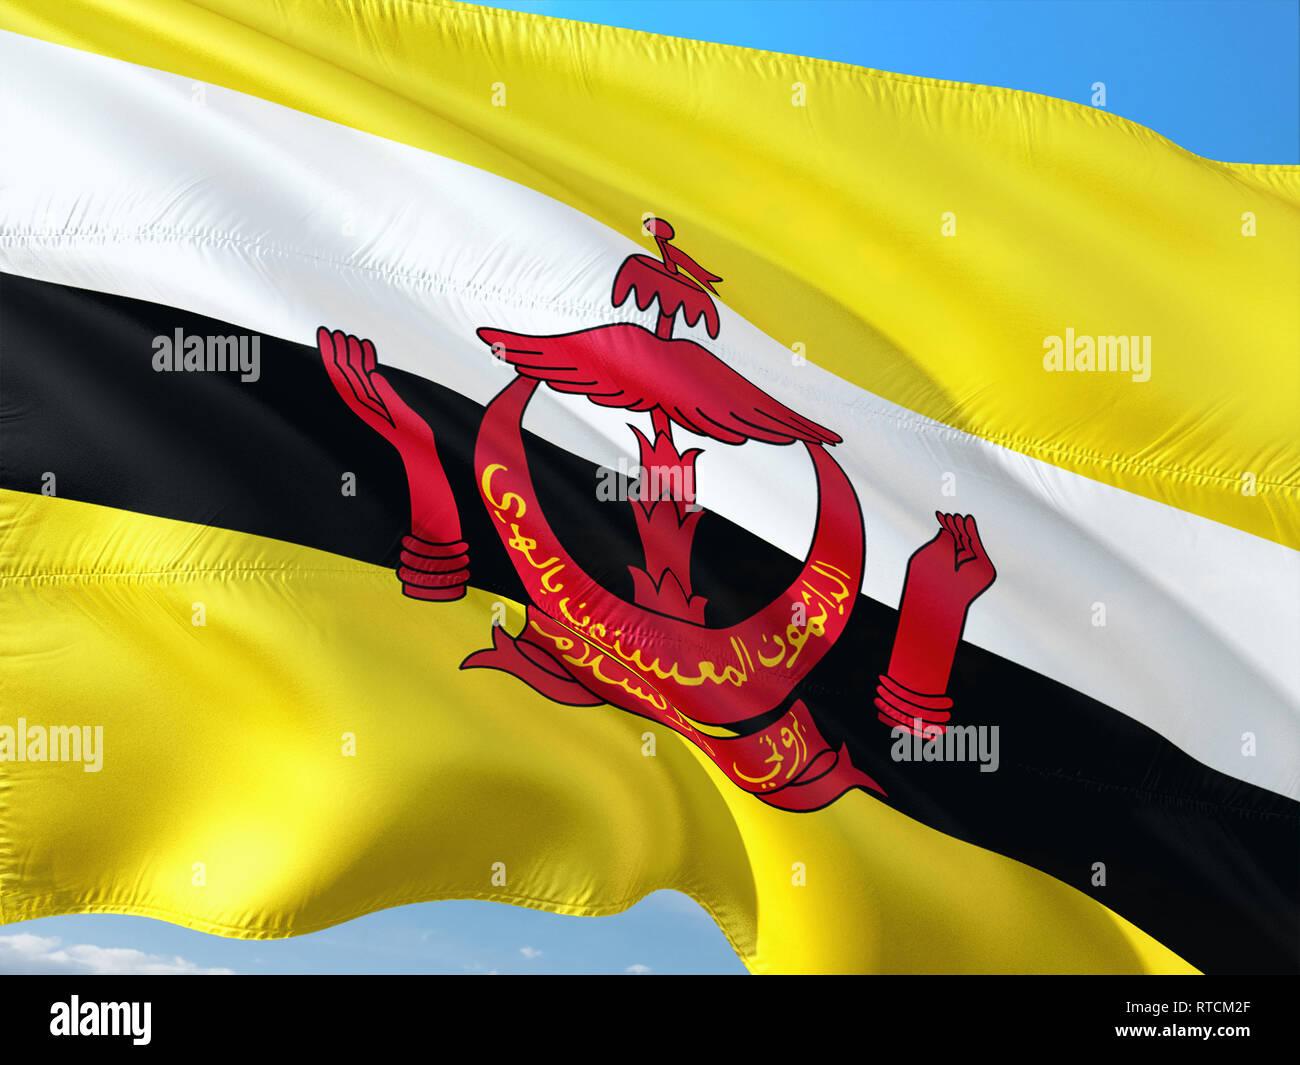 Bandiera del Brunei sventolare nel vento contro il profondo blu del cielo. Alta qualità tessuto. Immagini Stock